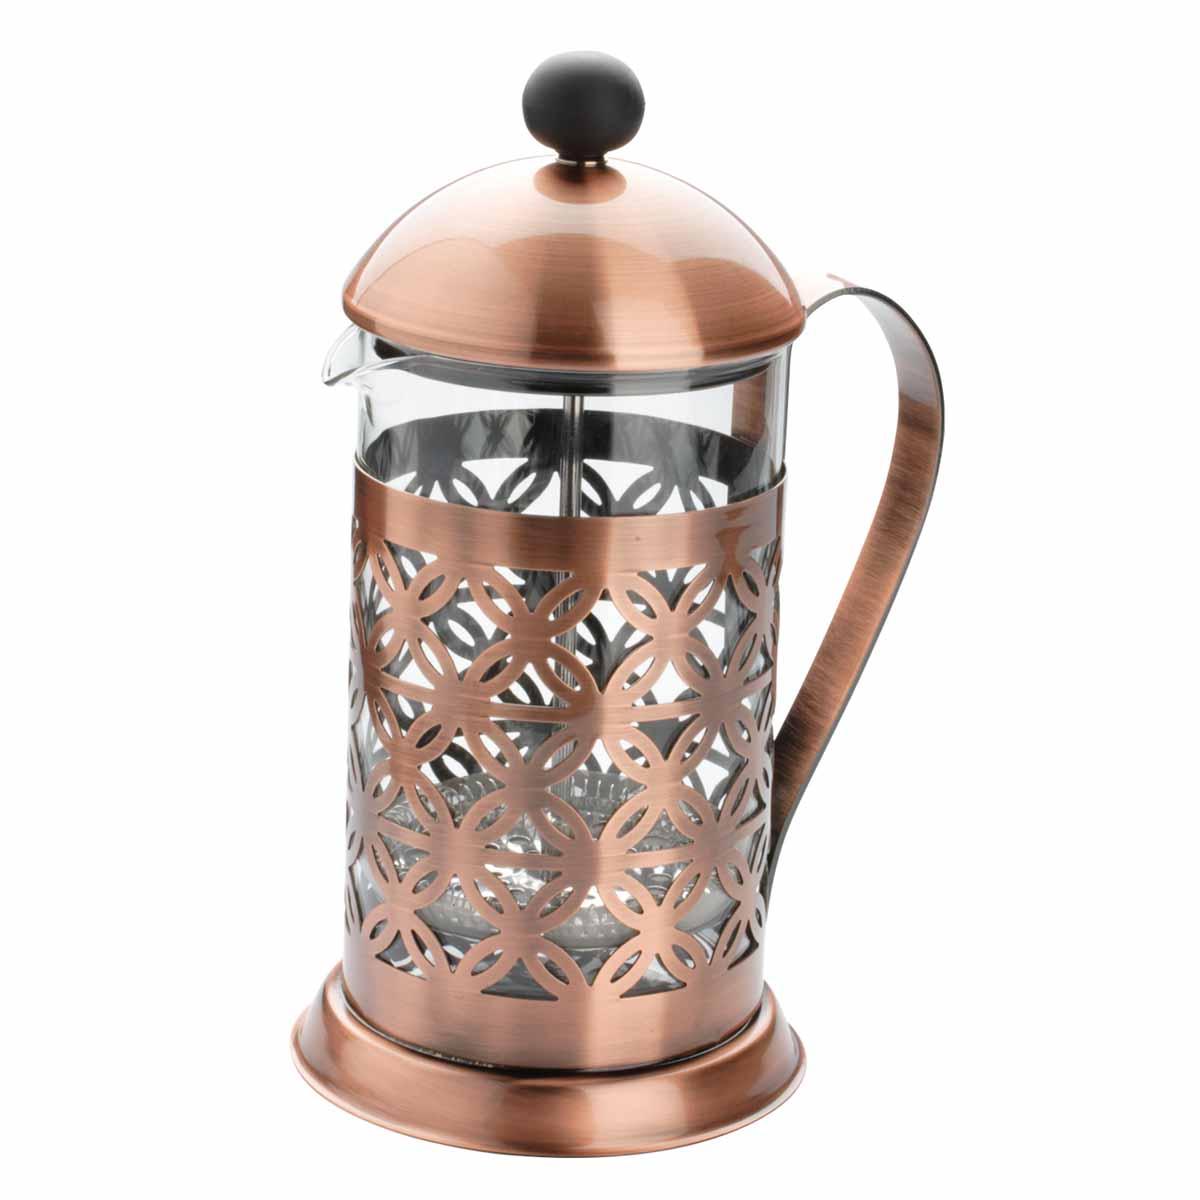 Френч-пресс Dekok Vintage, 800 мл. CP-1017CP-1017Френч-пресс Dekok Vintage легко разбирается и моется. Колба выполнена из жаропрочного стекла. Корпус, крышка и поршень изготовлены из нержавеющей стали. Конструкция носика антикапля удобна для разливания напитков в чашки. Прозрачные стенки чайника дают возможность наблюдать за насыщением напитка, а поршень позволяет с легкостью отжать заварочную гущу и получить напиток с насыщенным вкусом. Френч-пресс Dekok Vintage займет достойное место среди аксессуаров на вашей кухне. Не рекомендуется мыть в посудомоечной машине. Диаметр (по верхнему краю): 9,5 см. Высота чайника (без учета крышки): 17,5 см.